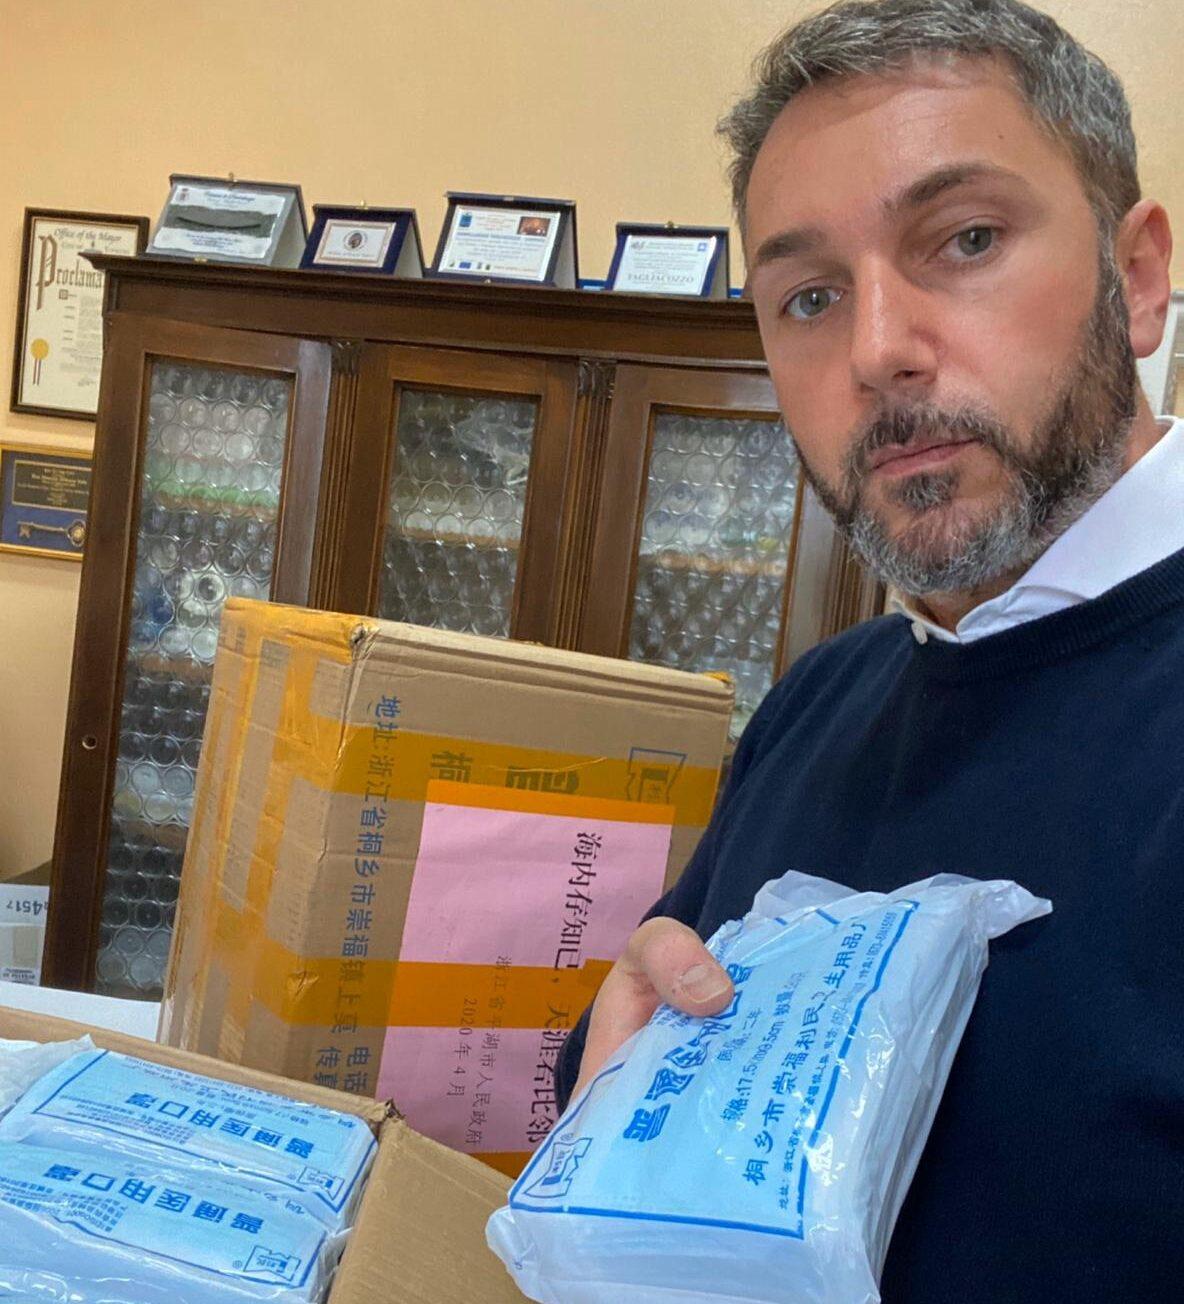 Dal 15 maggio torna operativo il PPI di Tagliacozzo. Il sindaco dona 4mila mascherine chirurgiche agli operatori sanitari